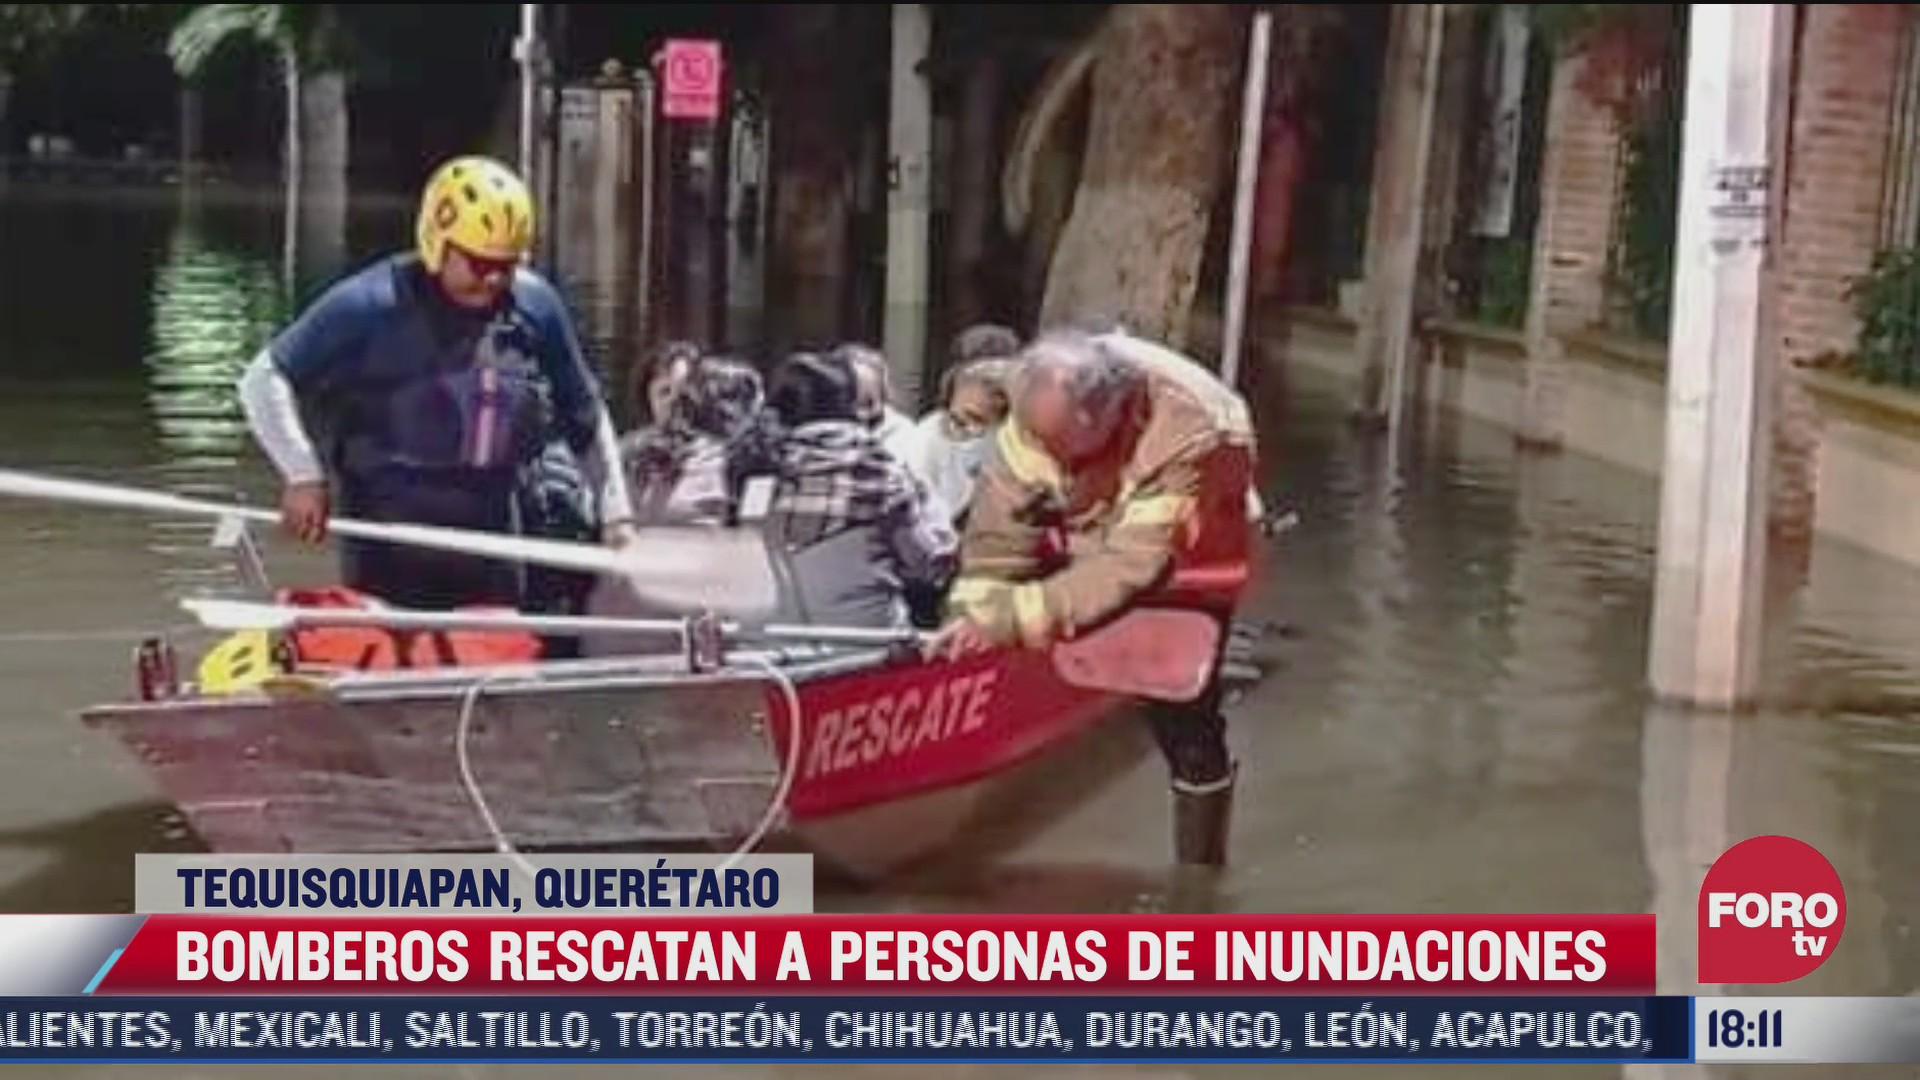 bomberos rescatan a personas de inundaciones en queretaro